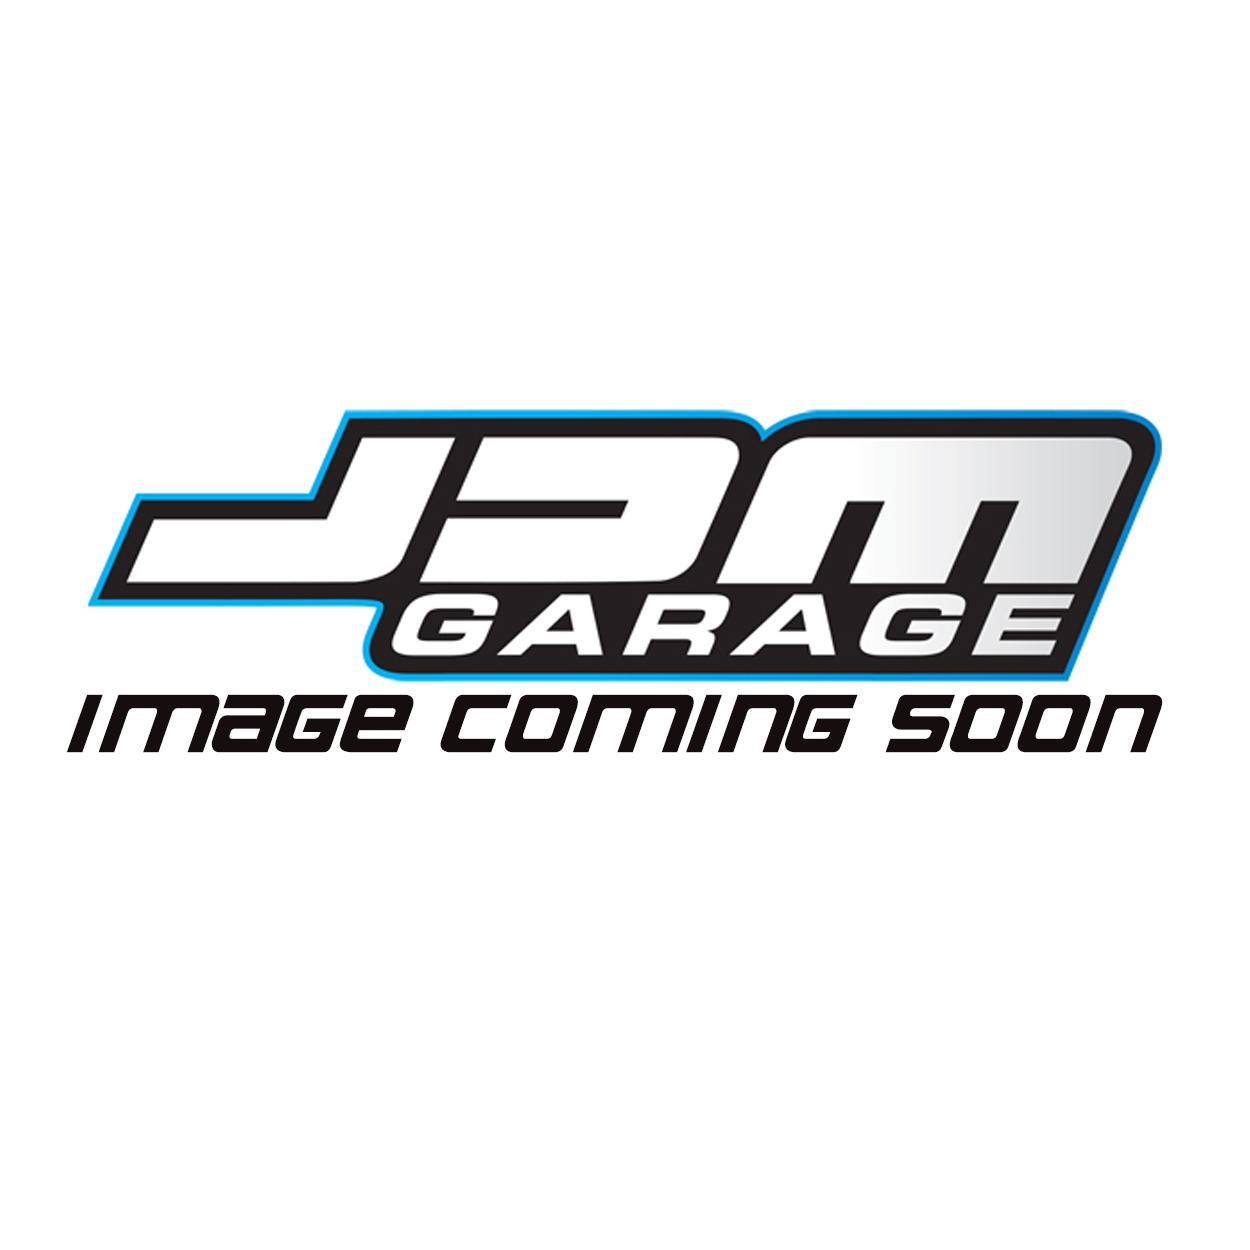 Genuine Toyota Water Pump 1JZ-GE VVTI Non-Turbo Fits Chaser Cresta MarkII JZX100 JZX110 16100-80009